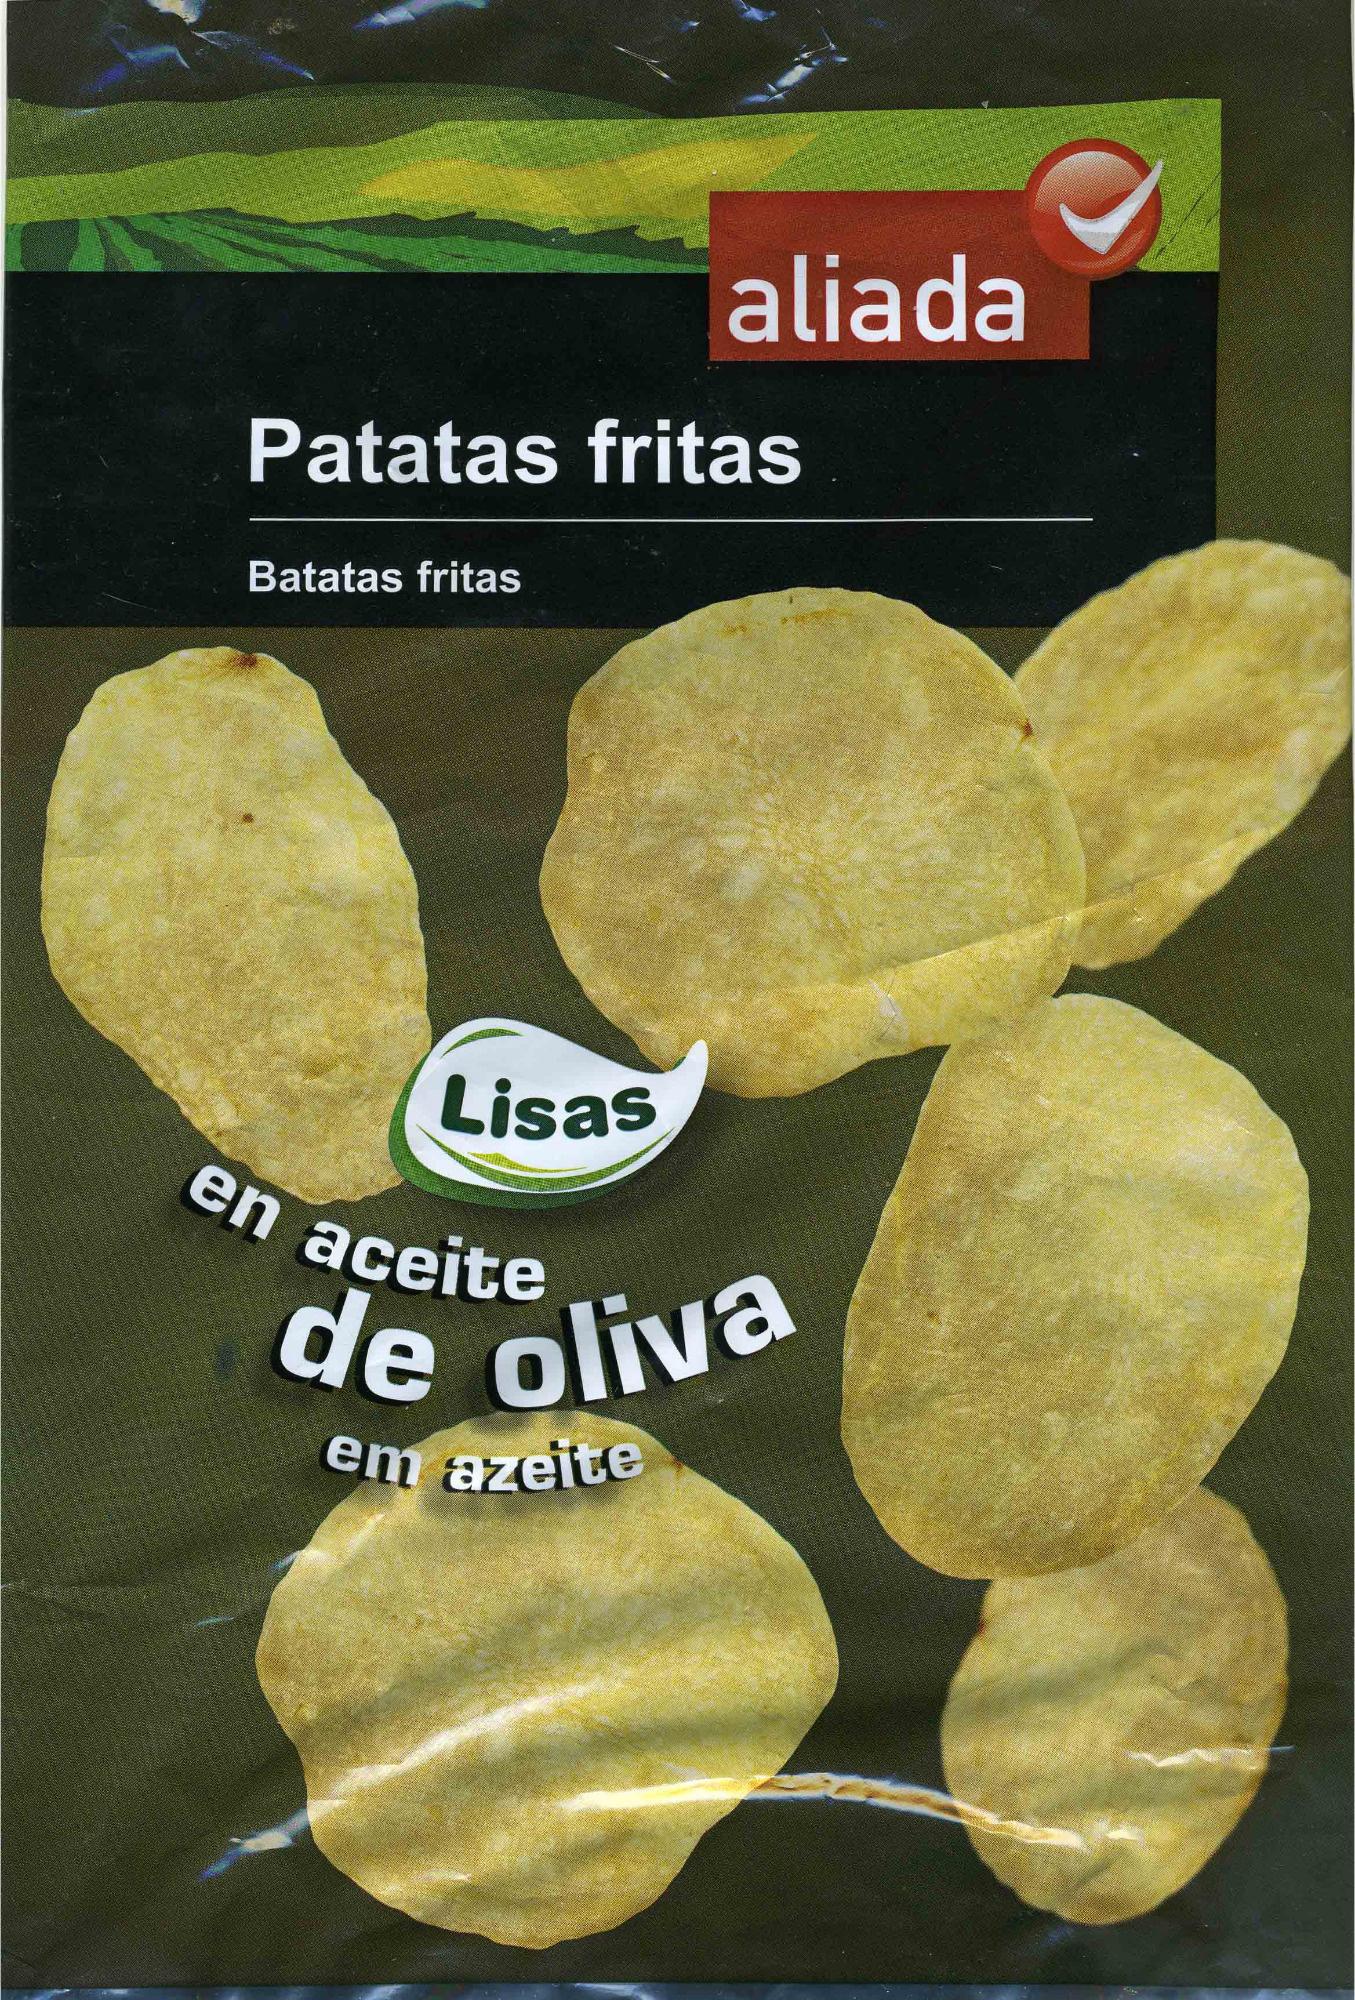 Patatas fritas lisas en aceite de oliva - Producto - es